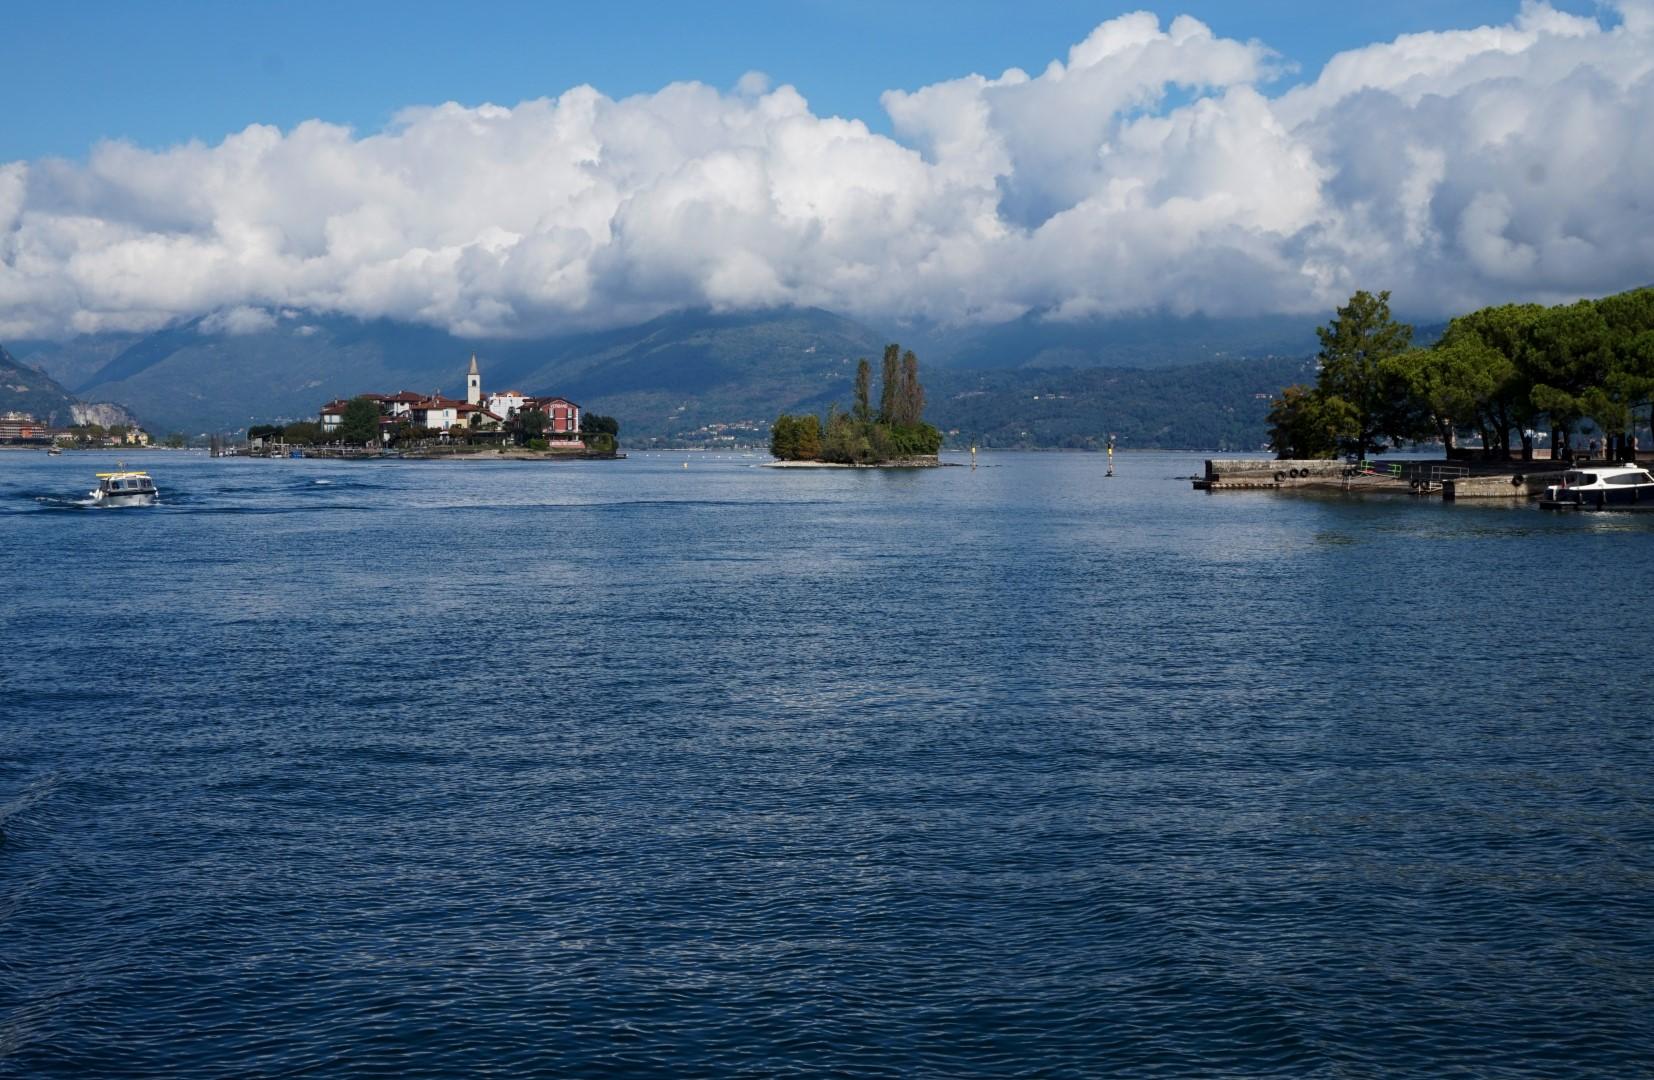 Un voyage en Italie du Nord - De Venise aux Grands Lacs   Lac Majeur Isola Bella